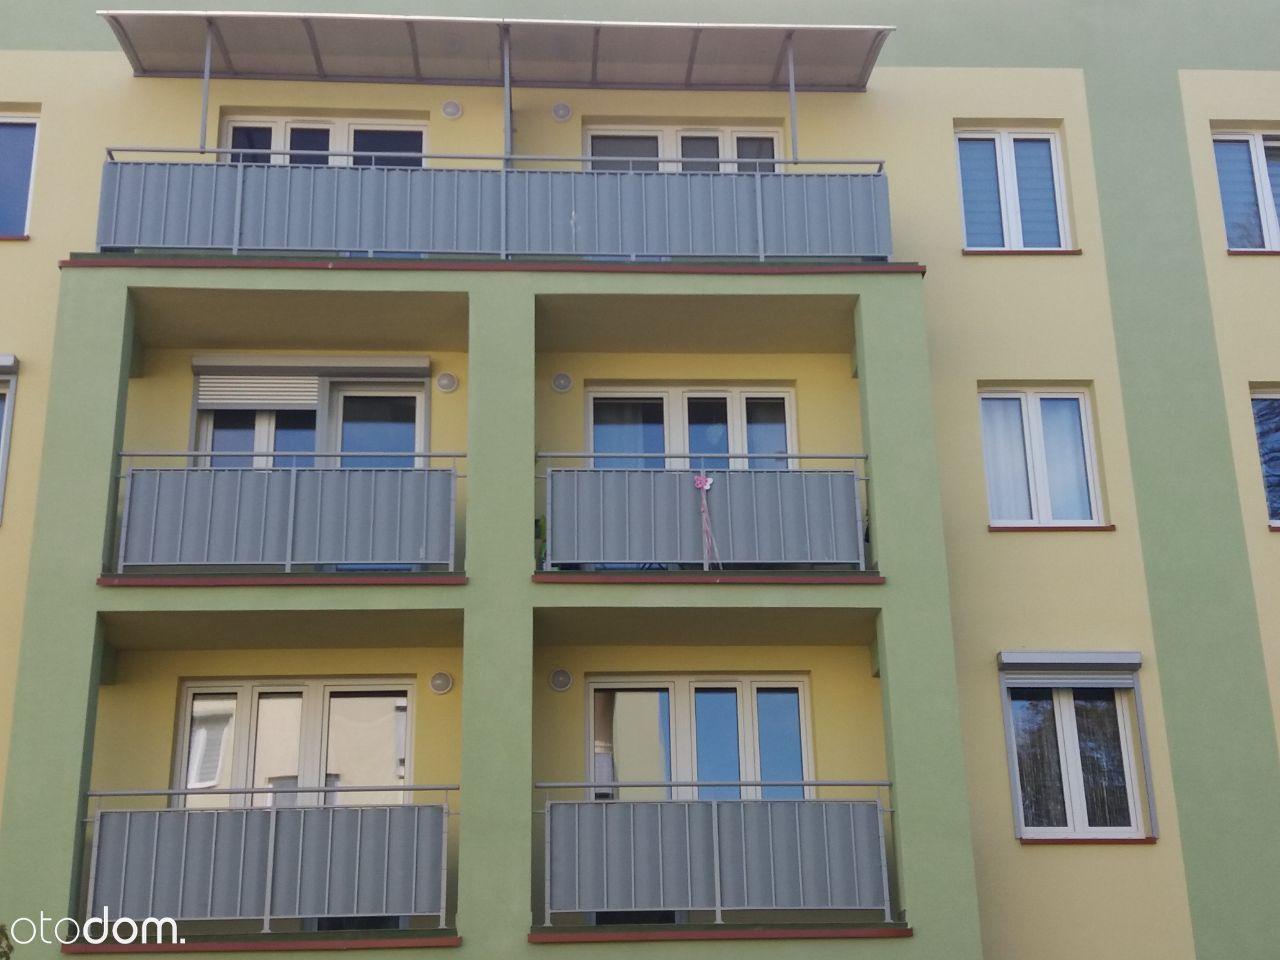 Nowe, urządzone mieszkanie w świetnej lokalizacji